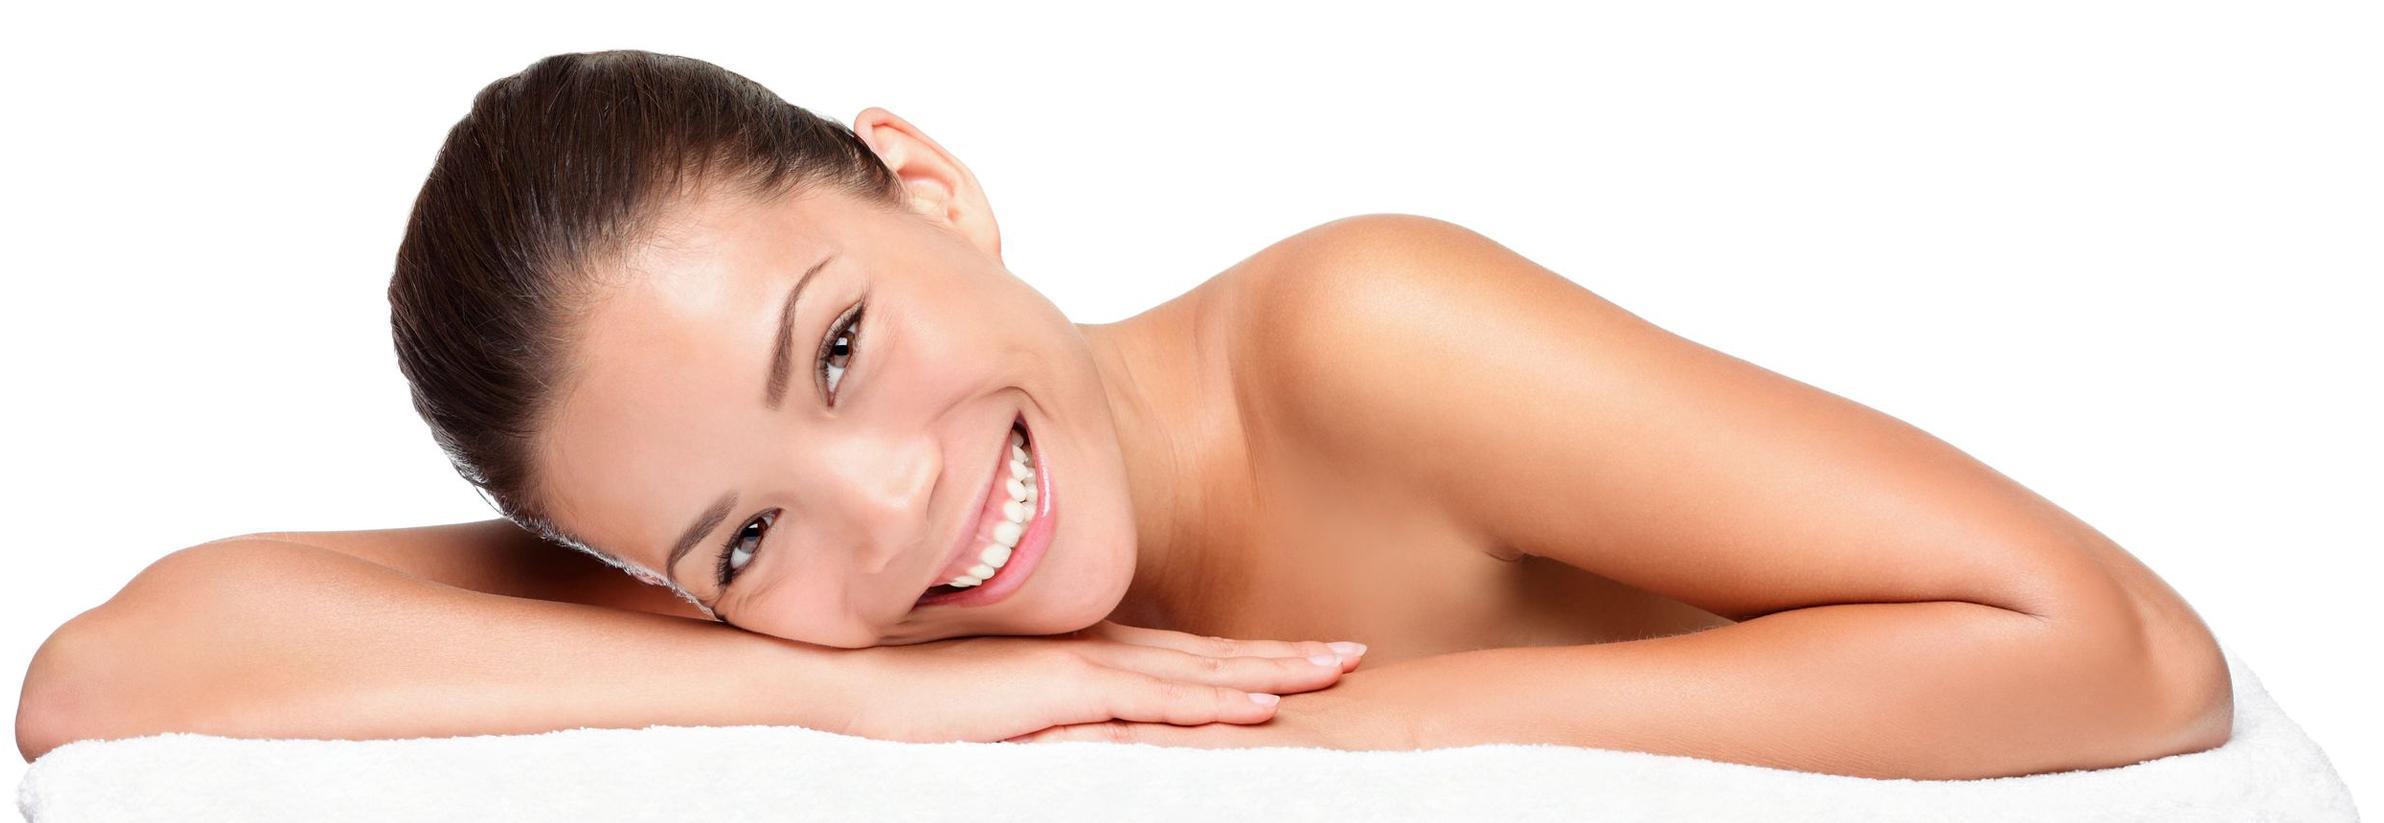 FotoFacial Facial Rejuvenation